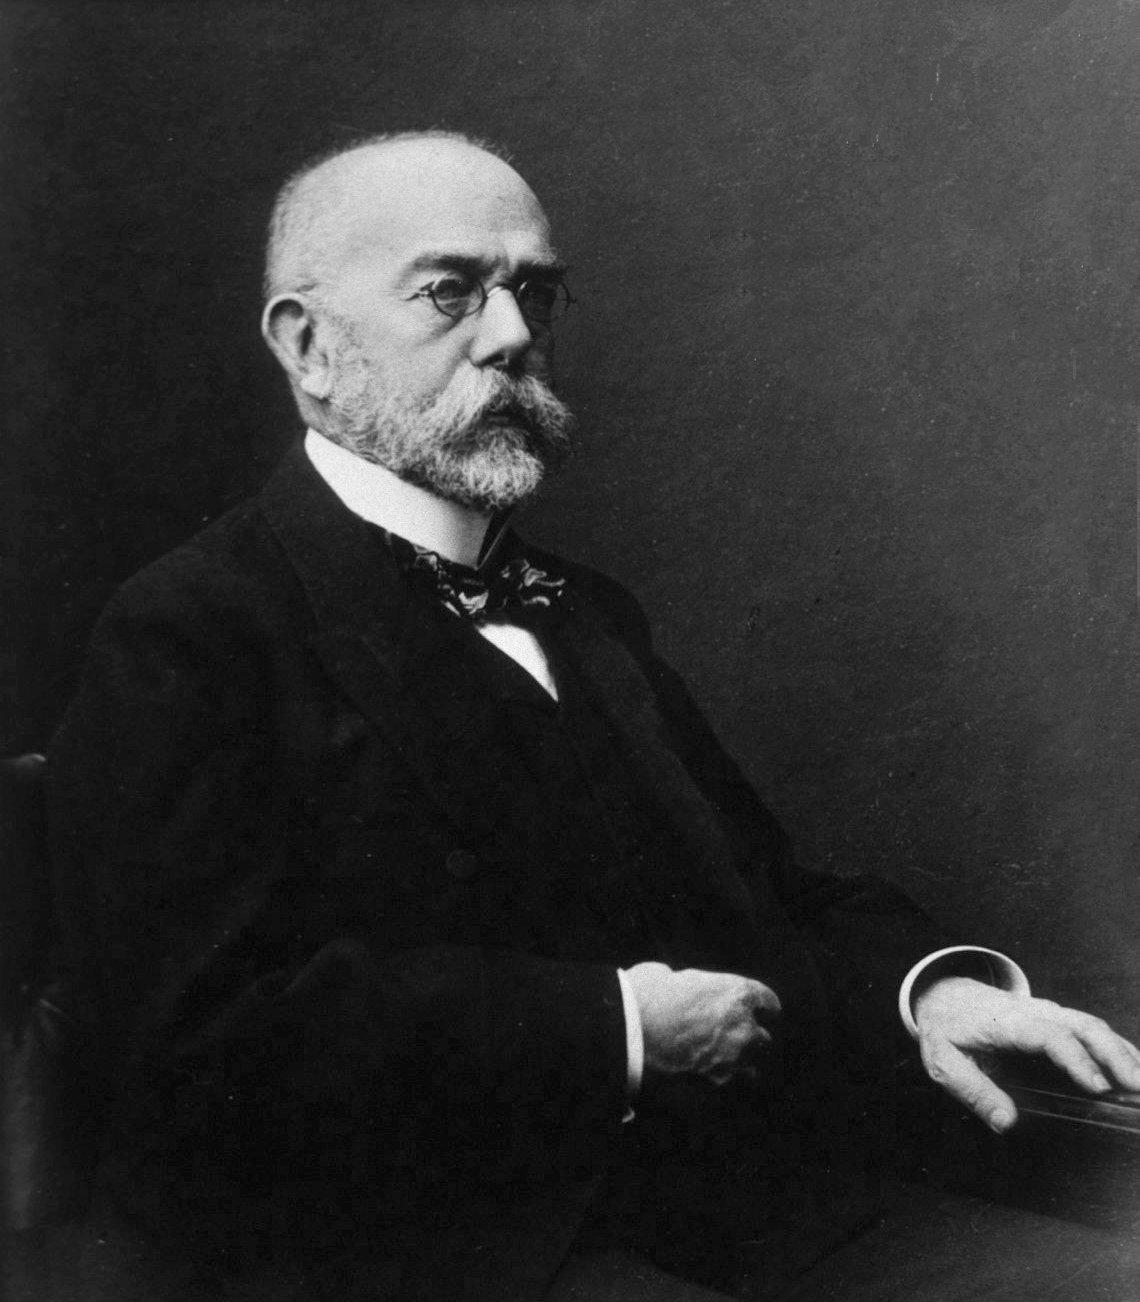 Robert koch for Koch wikipedia